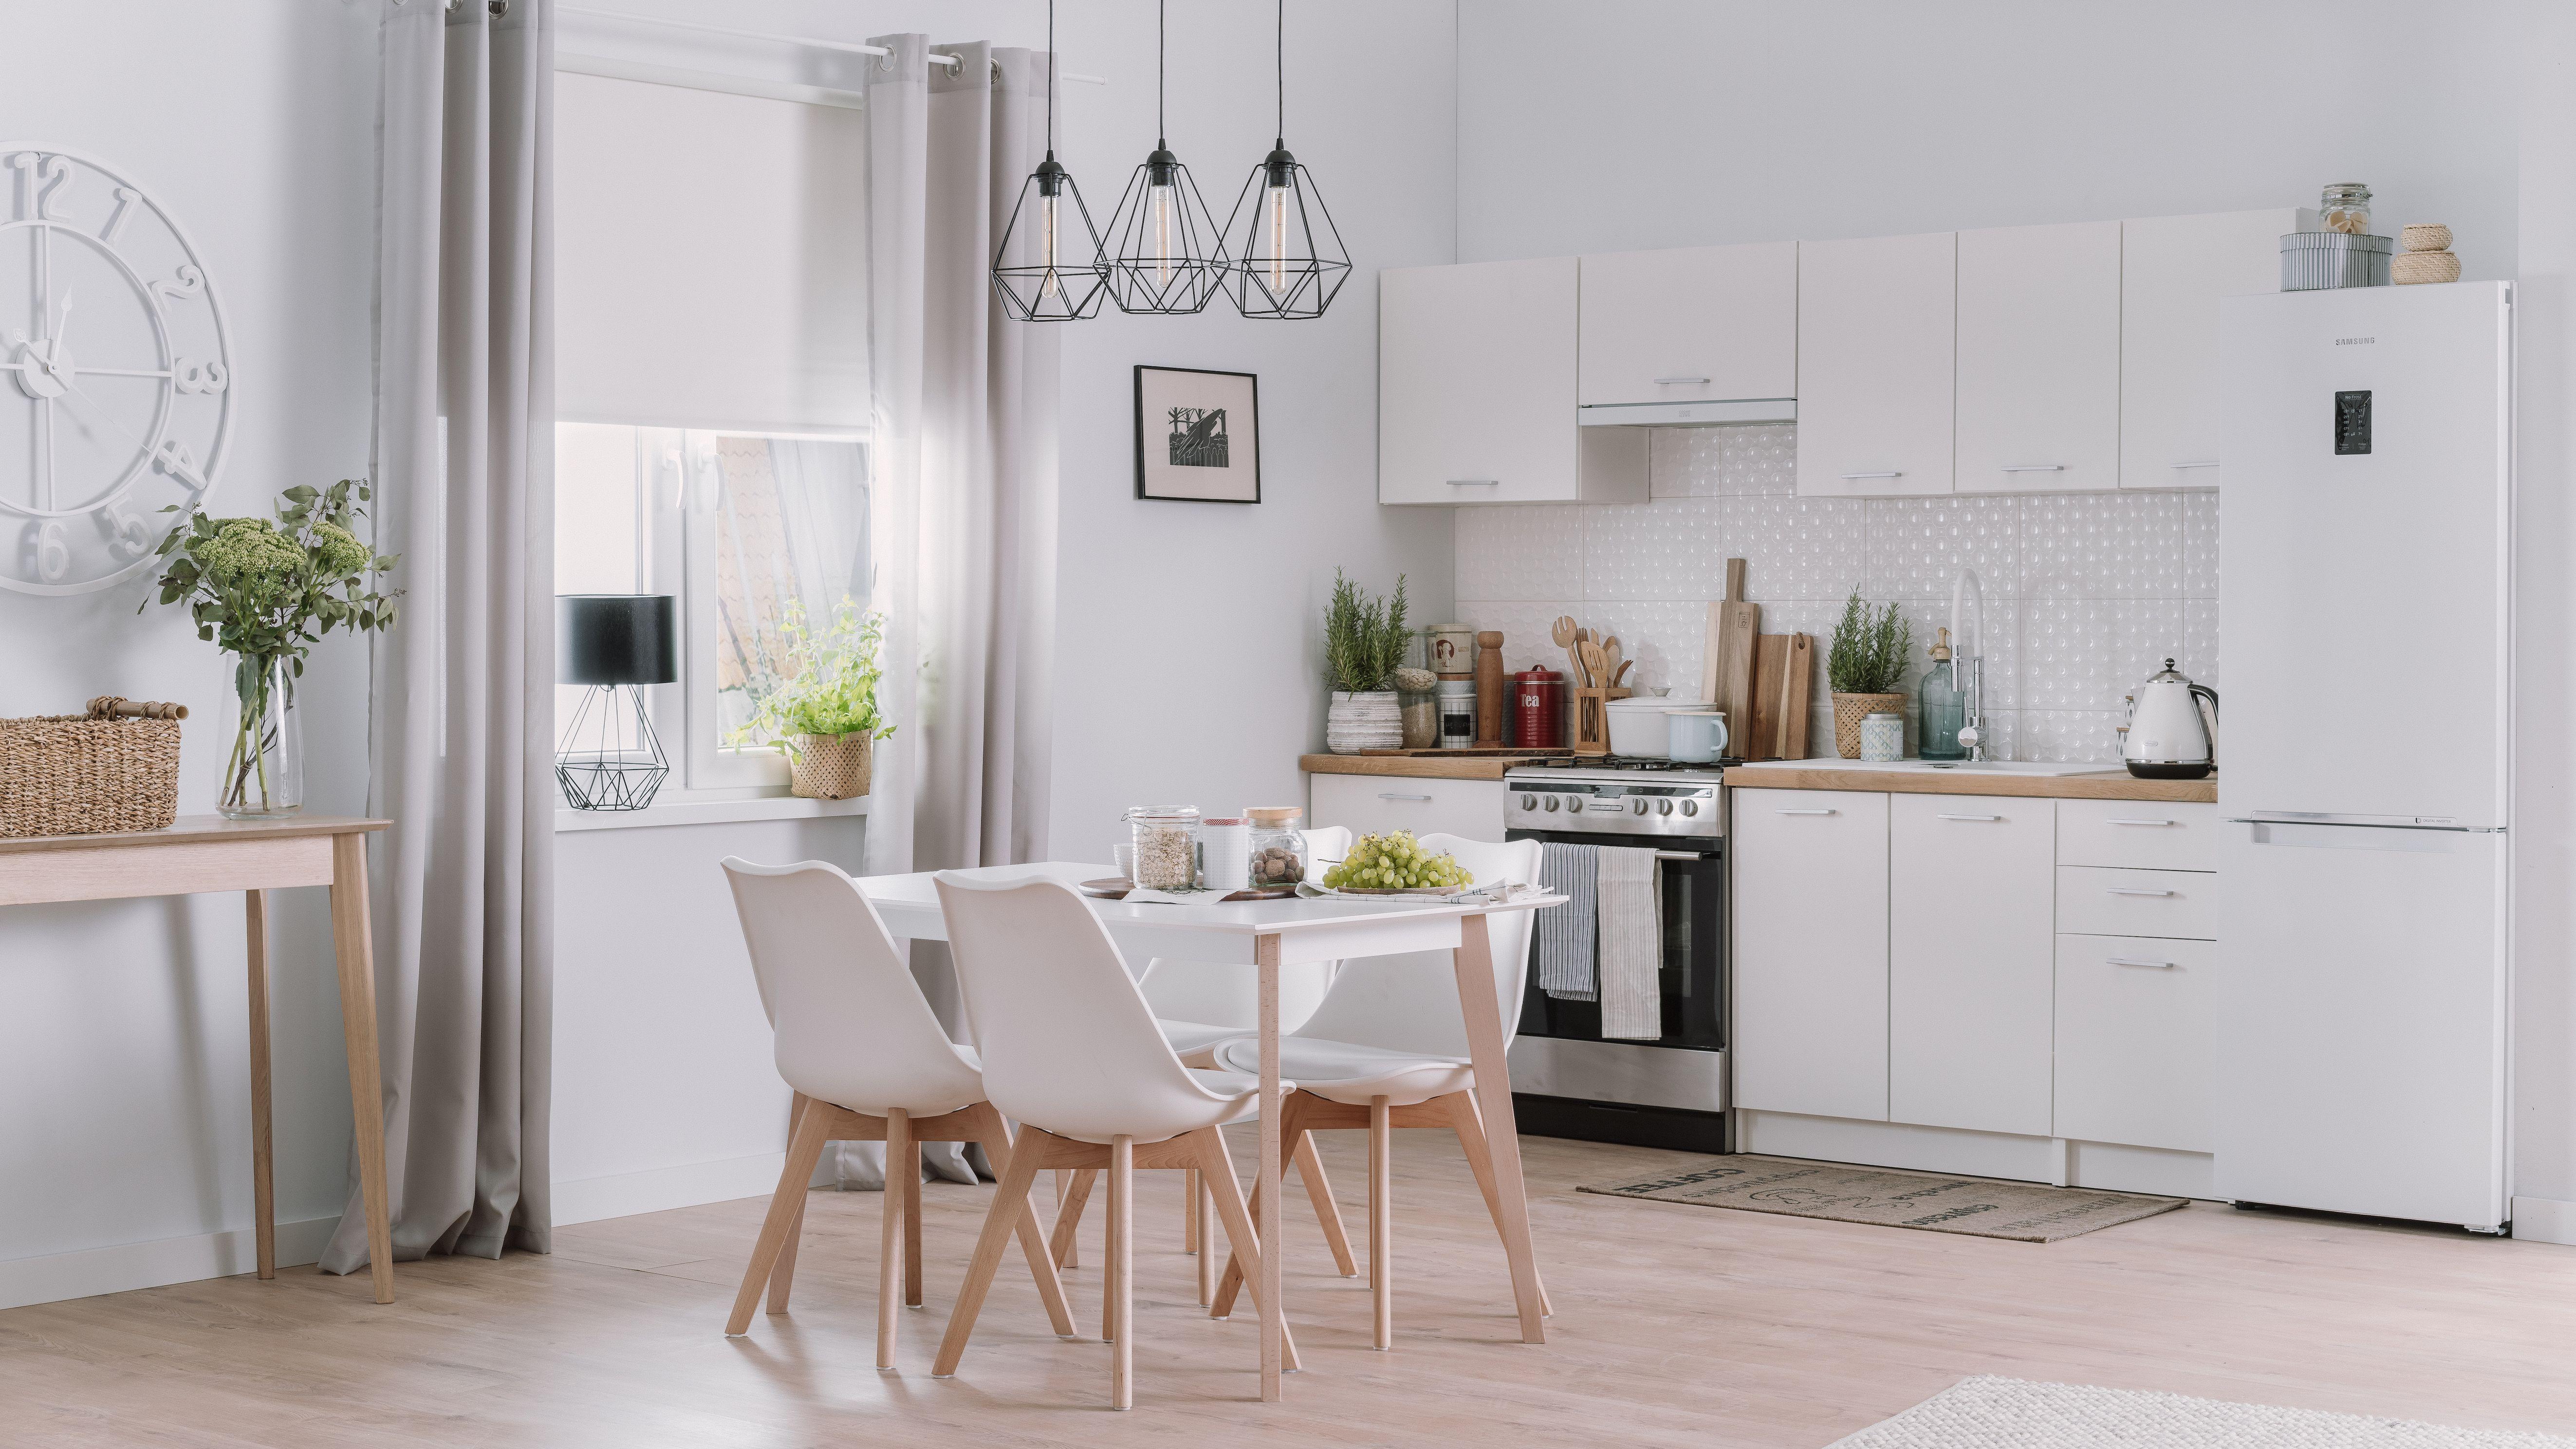 Allegro Wnetrza Kuchnia W Stylu Skandynawskim Sprawdz Wykorzystane Produkty Home Decor Furniture Decor